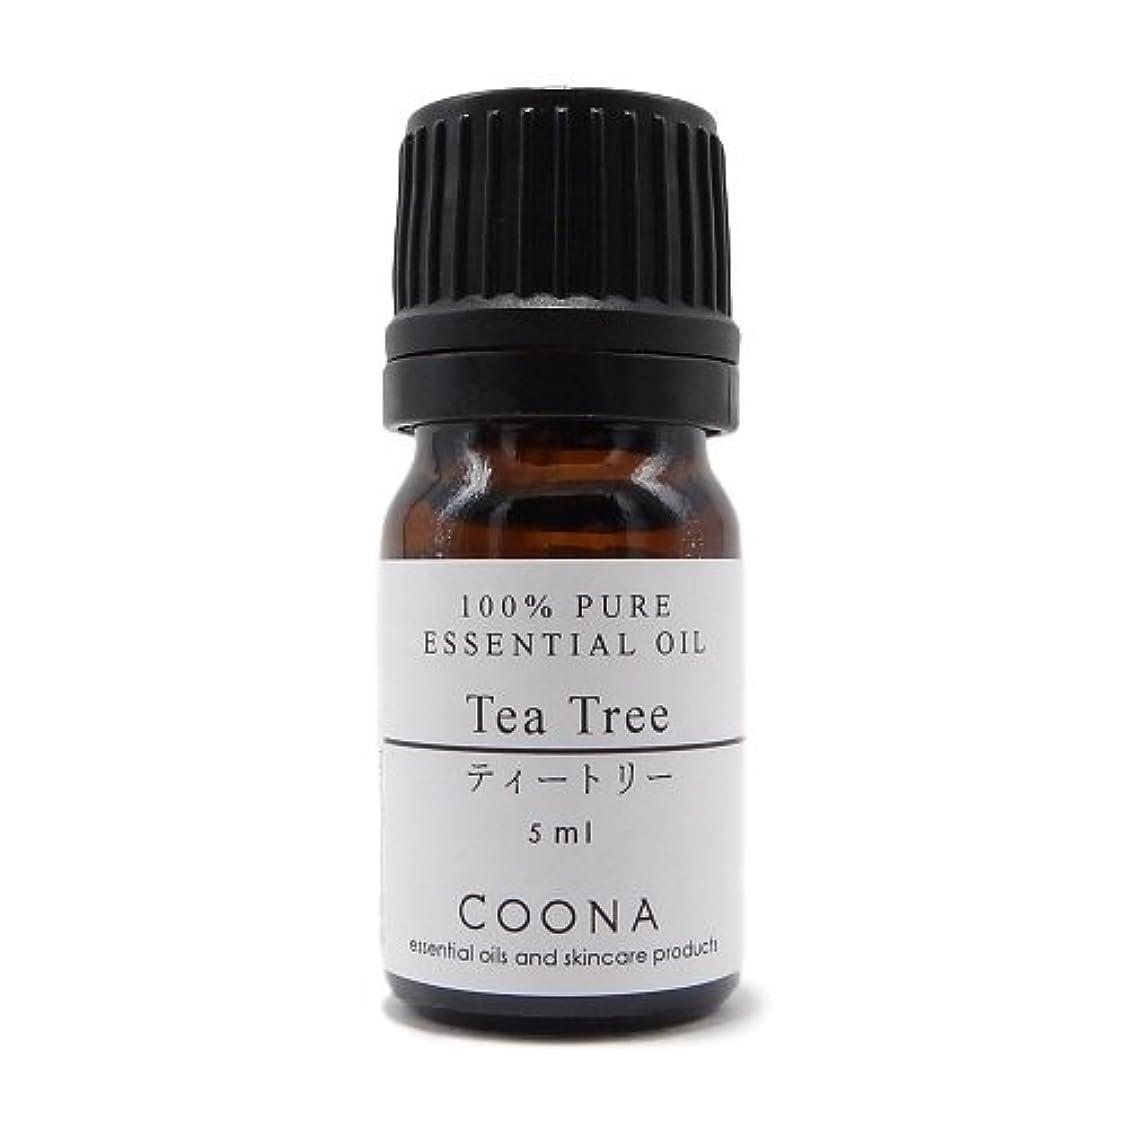 休み東正当化するティートリー 5 ml (COONA エッセンシャルオイル アロマオイル 100%天然植物精油)